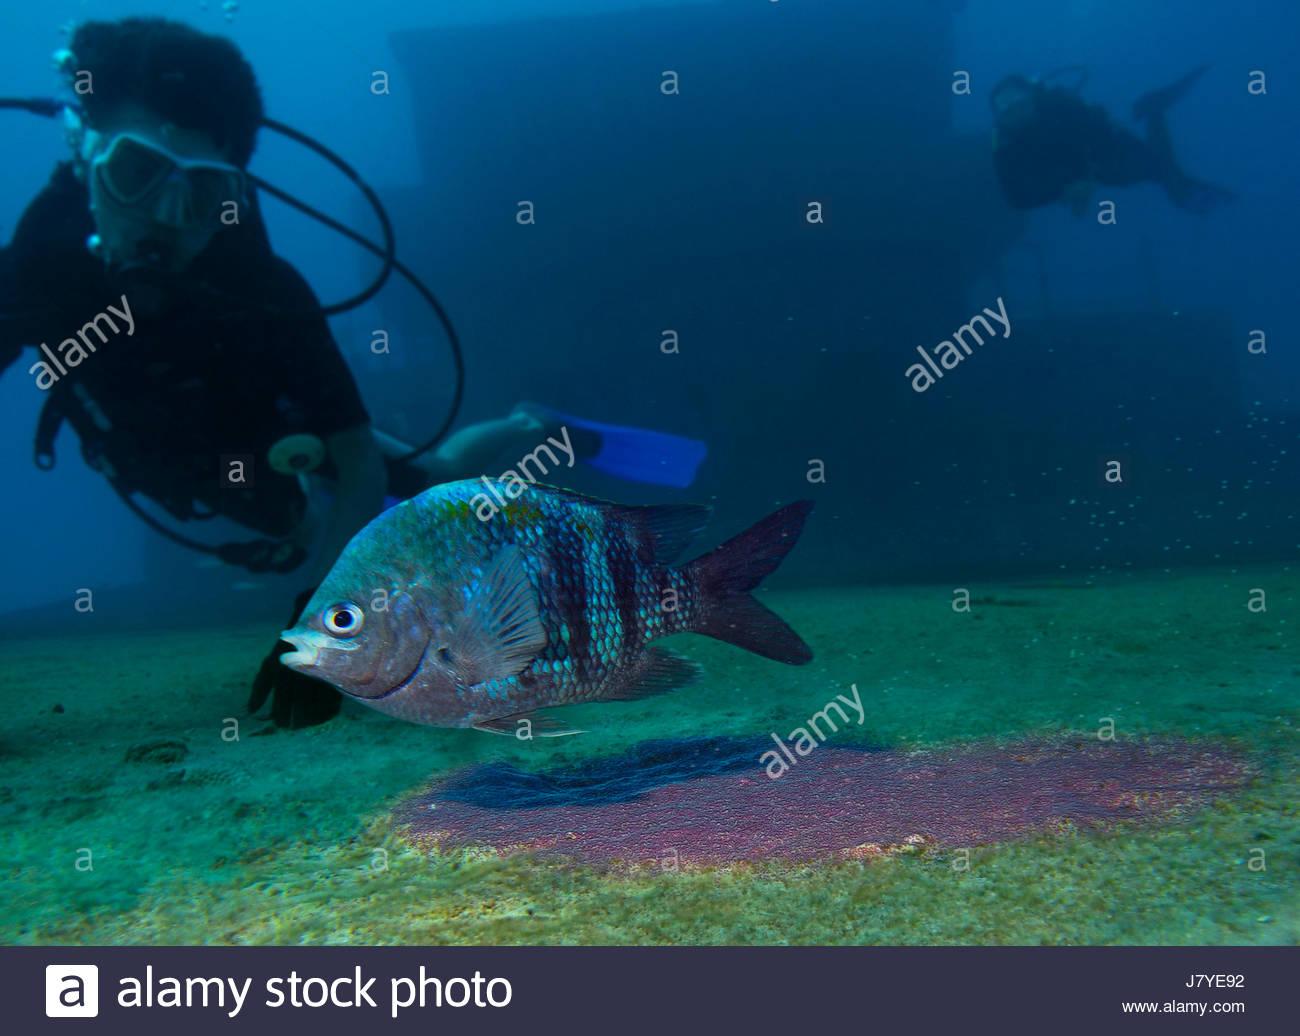 sergeant major fish colour